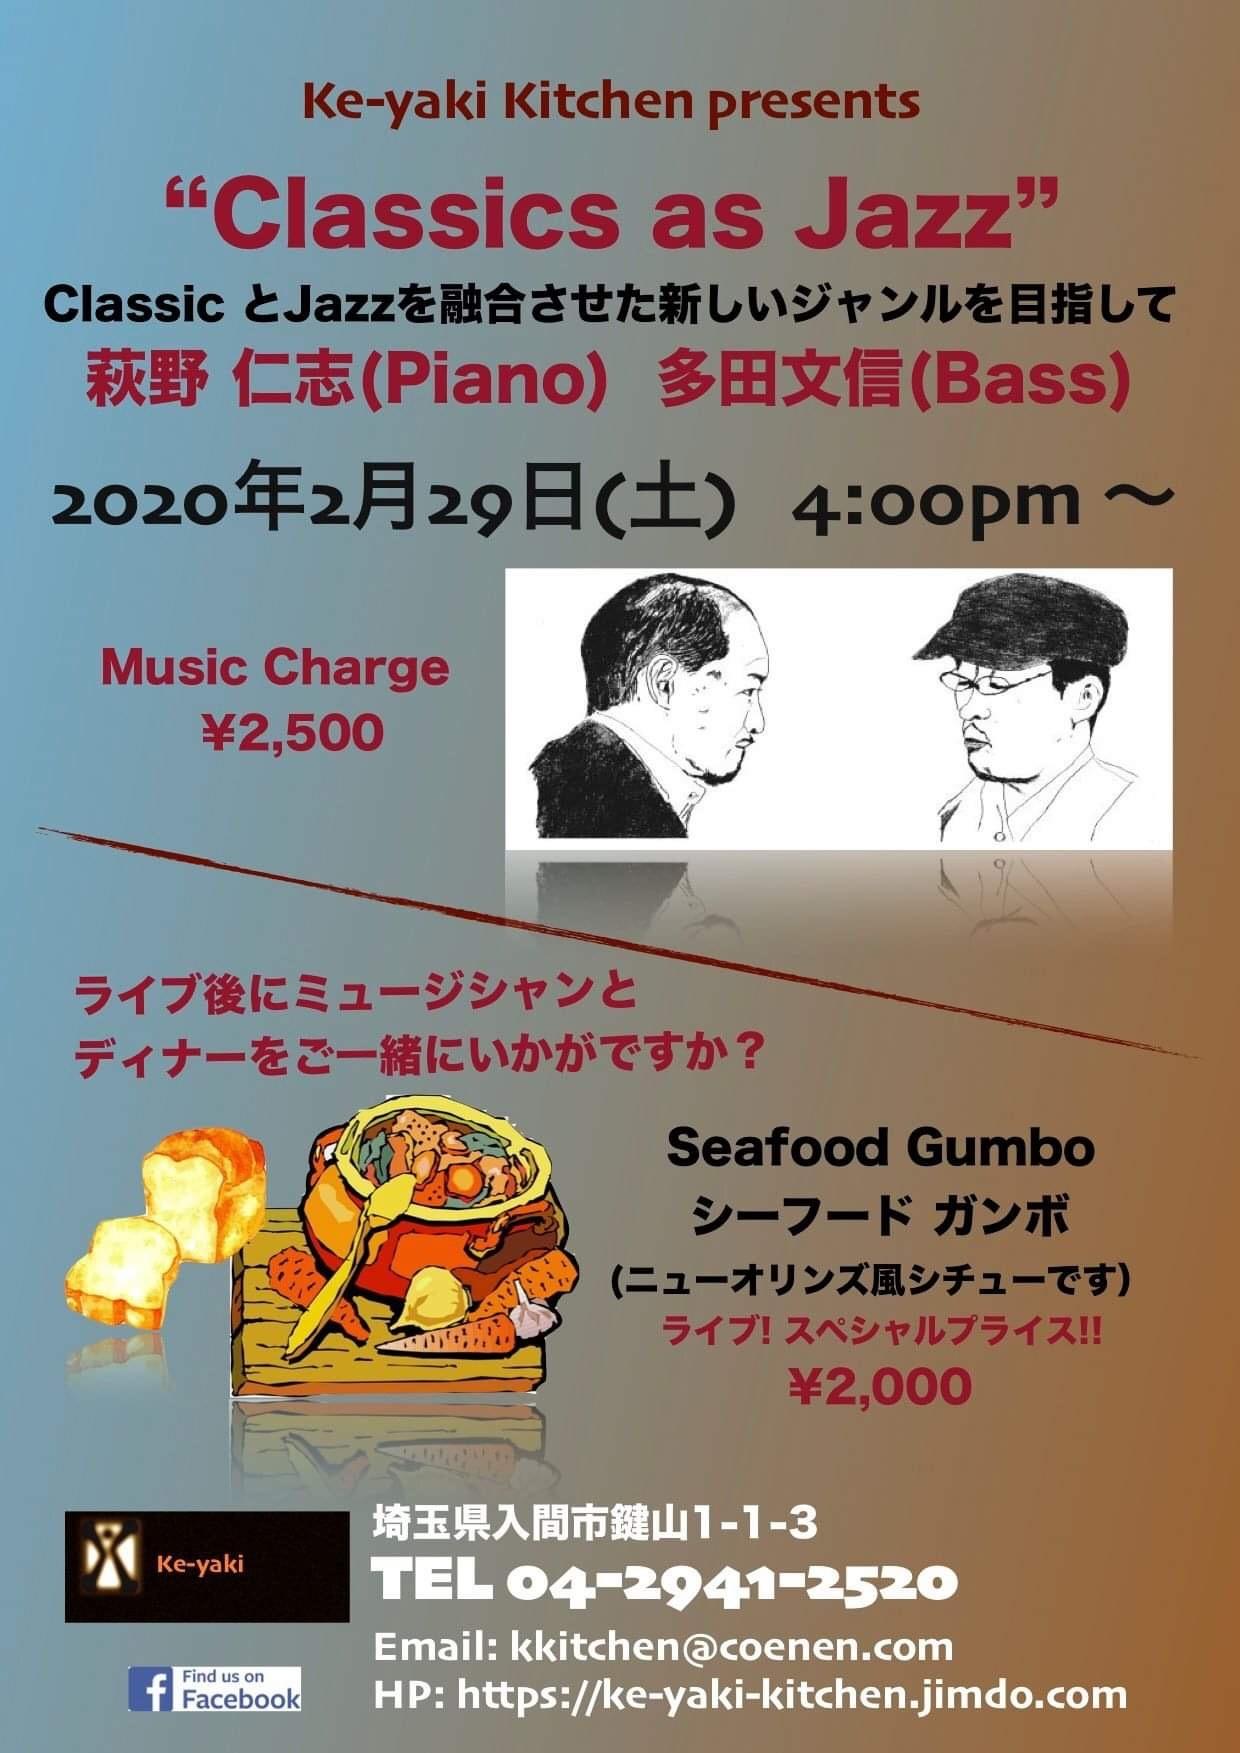 入間市 Keyaki-Kichen ライブ中止のお知らせ_f0196496_12091404.jpeg